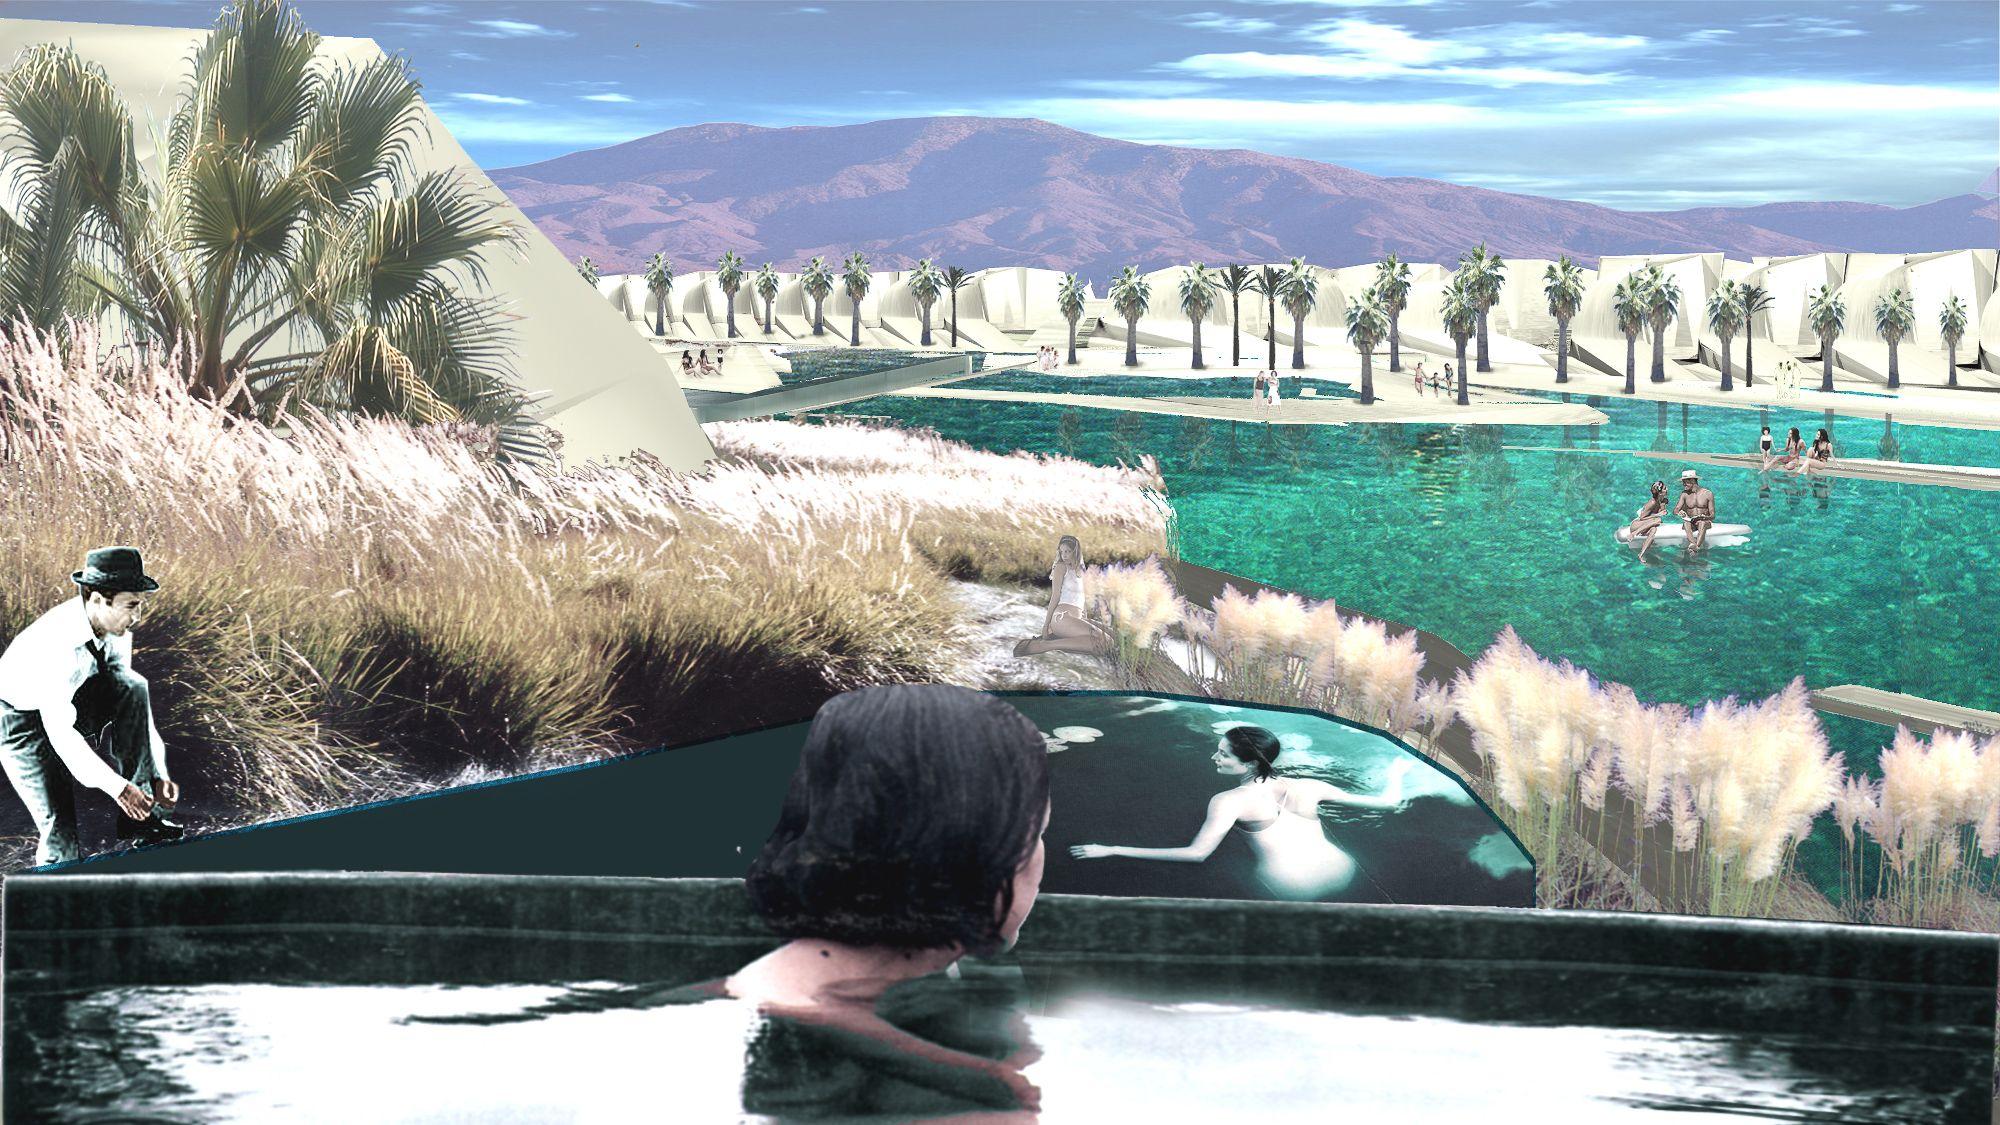 In einer künstlichen Landschaft und von grünen Golfplätzen umgeben, stellt das Projekt eine Rückführung zur Wüstenlandschaft dar und verbindet es wieder mit dem kosmologischen Kontext, in dem Windzirkulation und Naturereignisse aktiv genutzt werden.    Eine Reihe von Canyons windet sich durch die Landschaft und schafft Schatten und Privatsphäre für die Gäste auf dem Weg zu ihren Hotelsuiten. Die dünenartigen Canyons orientieren sich an der umgebenden Berglandschaft und den örtlichen Wind- und Klimabedingungen. Die Architektur verbindet sich mit der Landschaft und generiert ein topographisch einzigartiges Storyboard. Der Hotelkomplex verfügt über drei verschiedene Canyons, die unterschiedliche Atmosphären und Erfahrungen erzeugen.